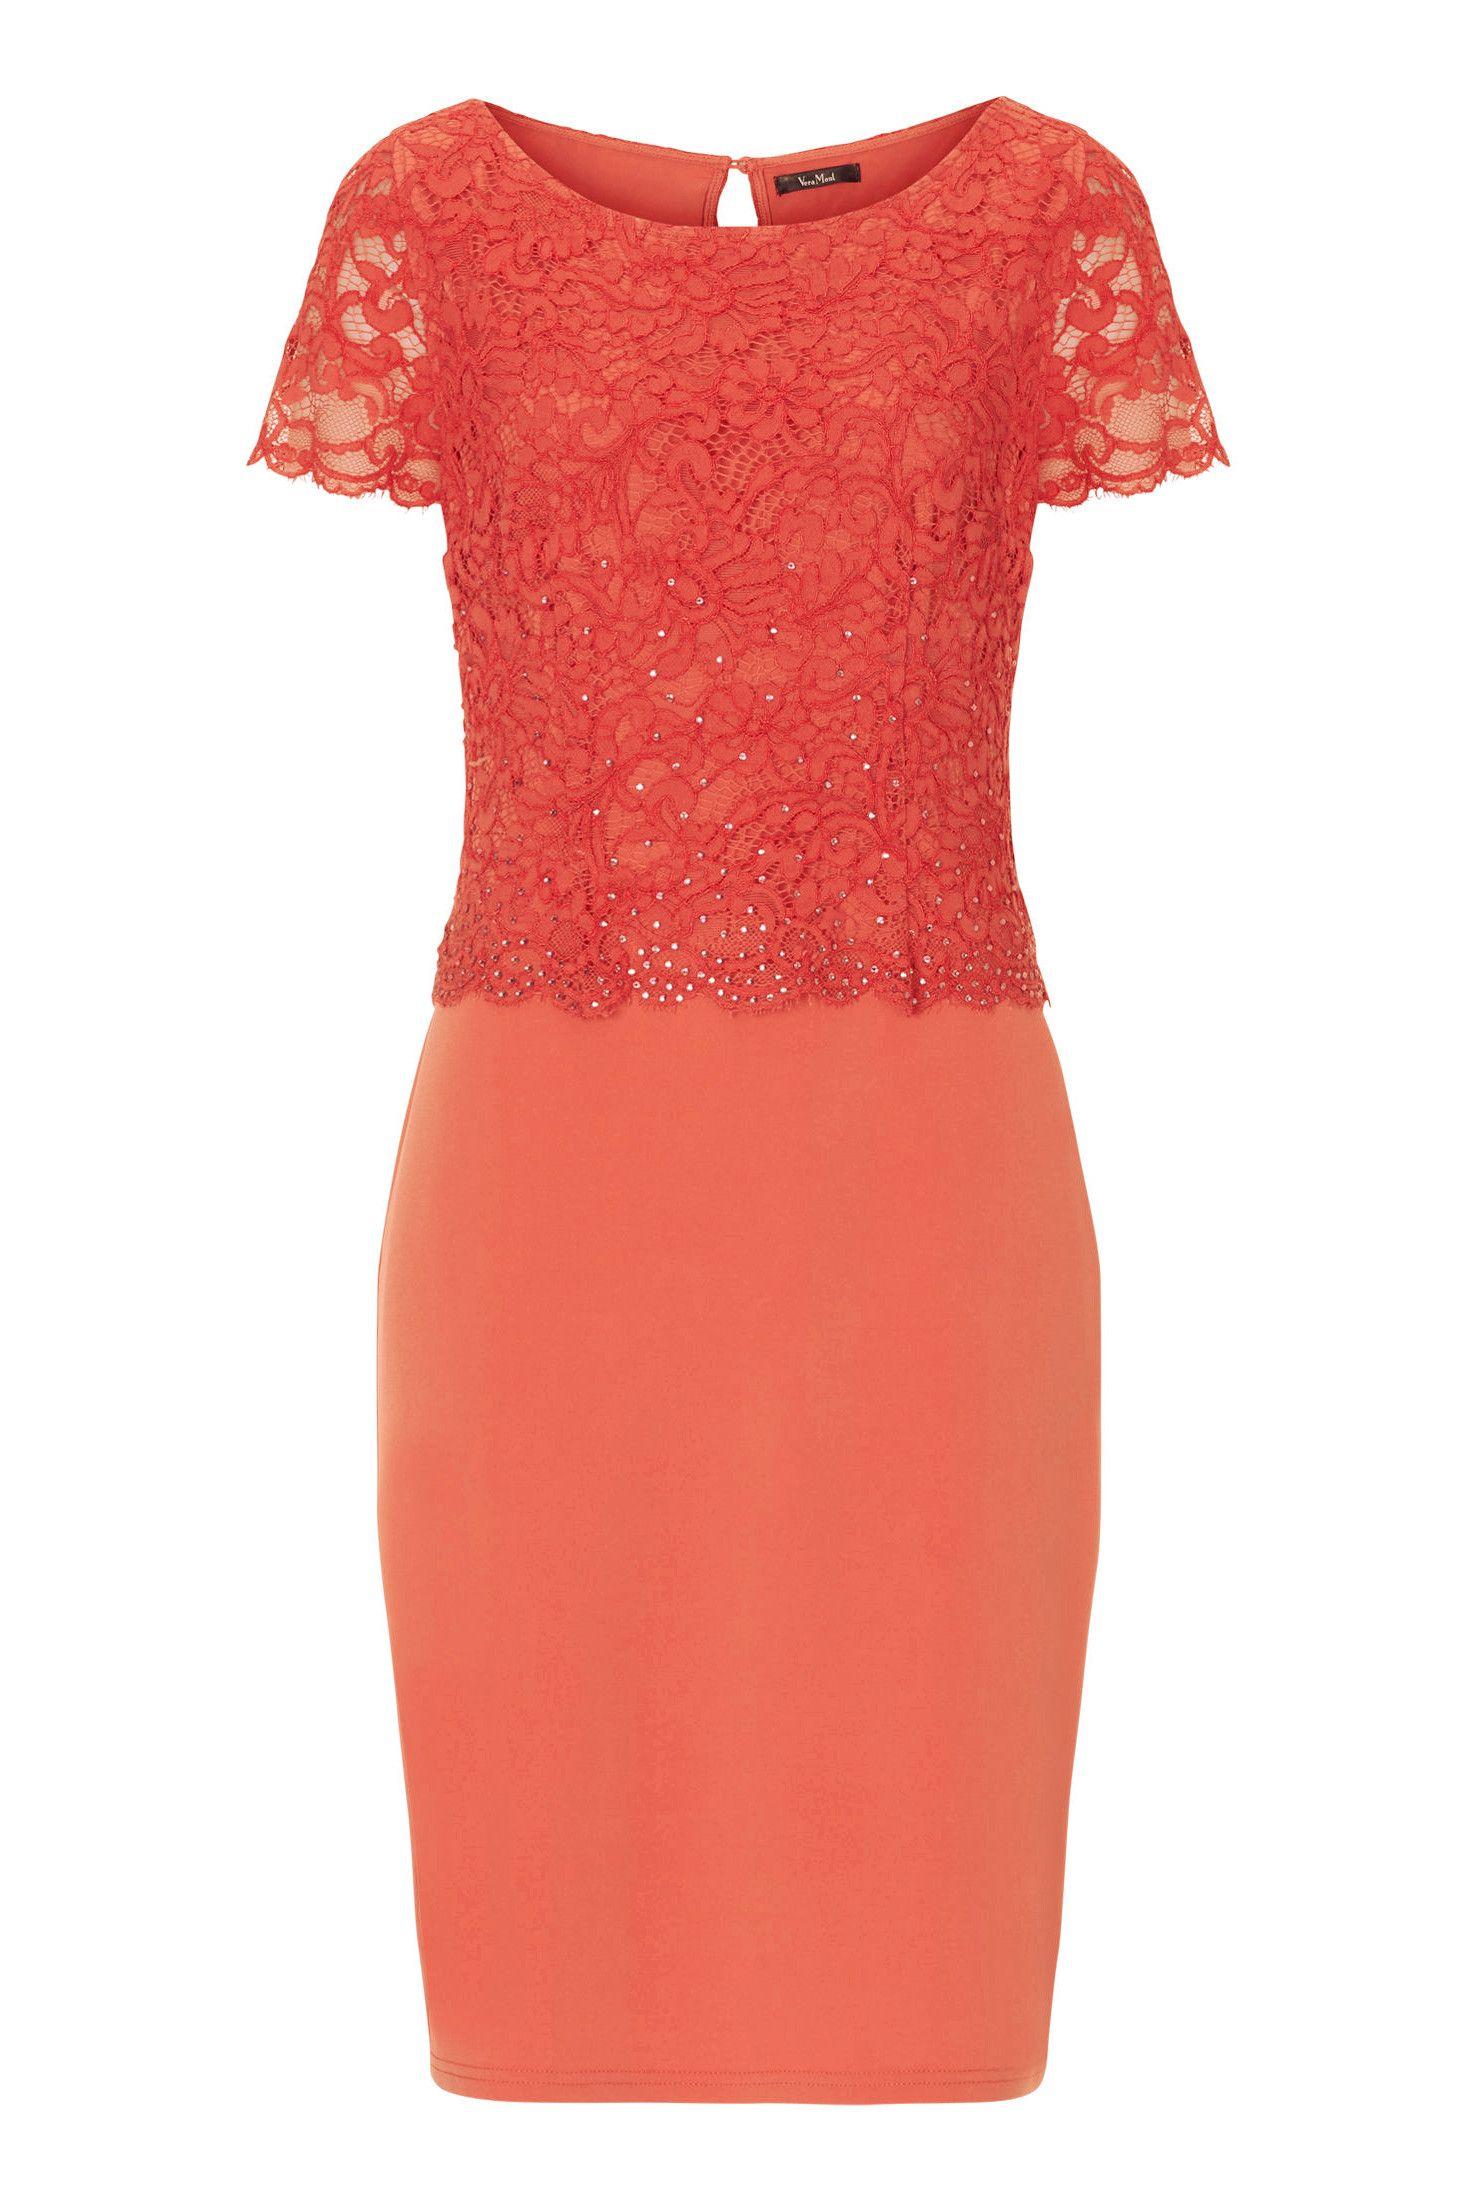 sale: elastisches kleid mit spitze orange vera mont | mode